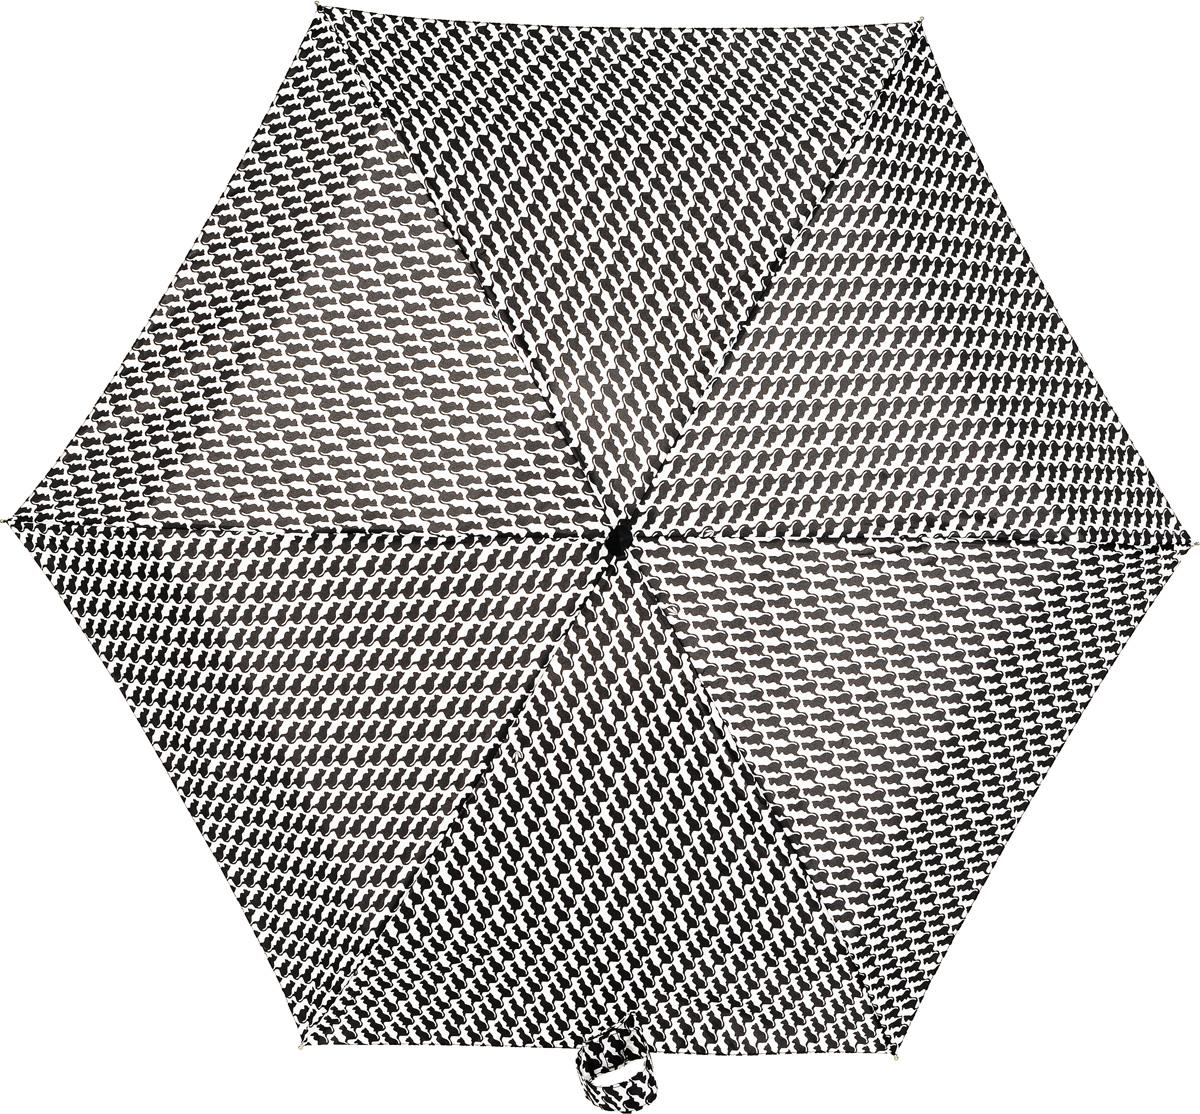 Зонт женский механика Fulton, расцветка: кошки. L501-3020 KittyLinkL501-3020 KittyLinkПрочный, необыкновенно компактный зонт, который с легкостью поместится в маленькую сумочку. Удобный плоский чехол. Облегченный алюминиевый каркас с элементами из фибергласса. Ветроустойчивая конструкция. Размеры зонта в сложенном виде 15смх6смх3см, диаметр купола 87 см.